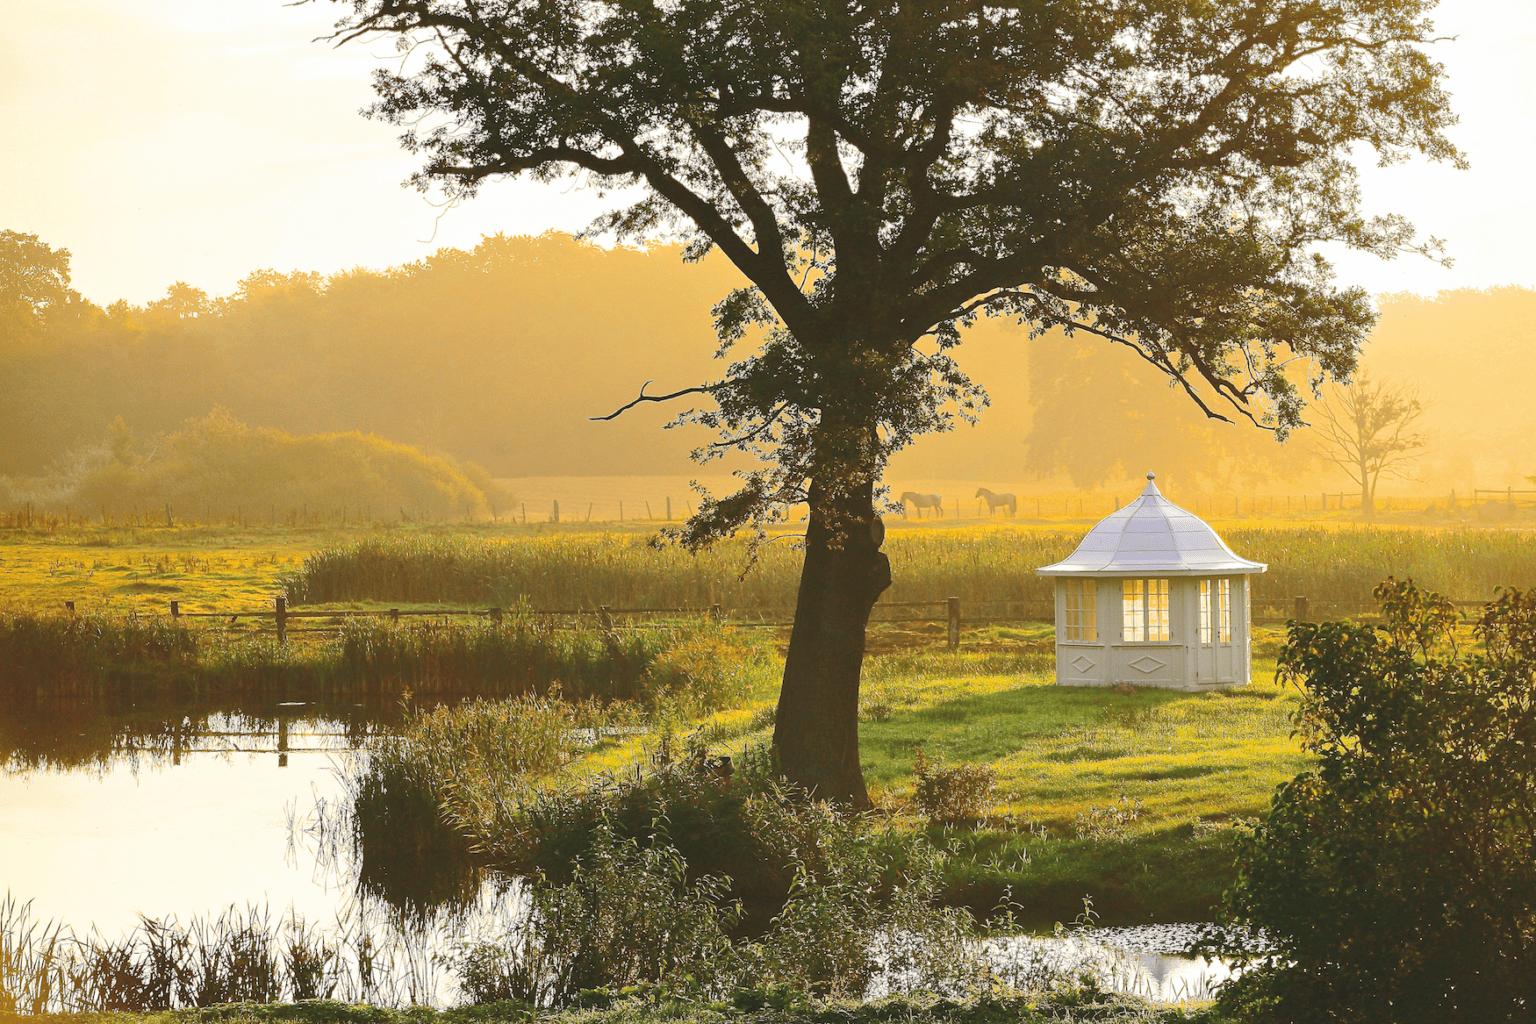 Landidylle finden Besucher in Mecklenburg-Vorpommern überall. Zahlreiche Guts- und Herrenhäuser laden im Herbst zu einem ganz besonderen Urlaub ein. | ParkLand/Oliver Hellwig